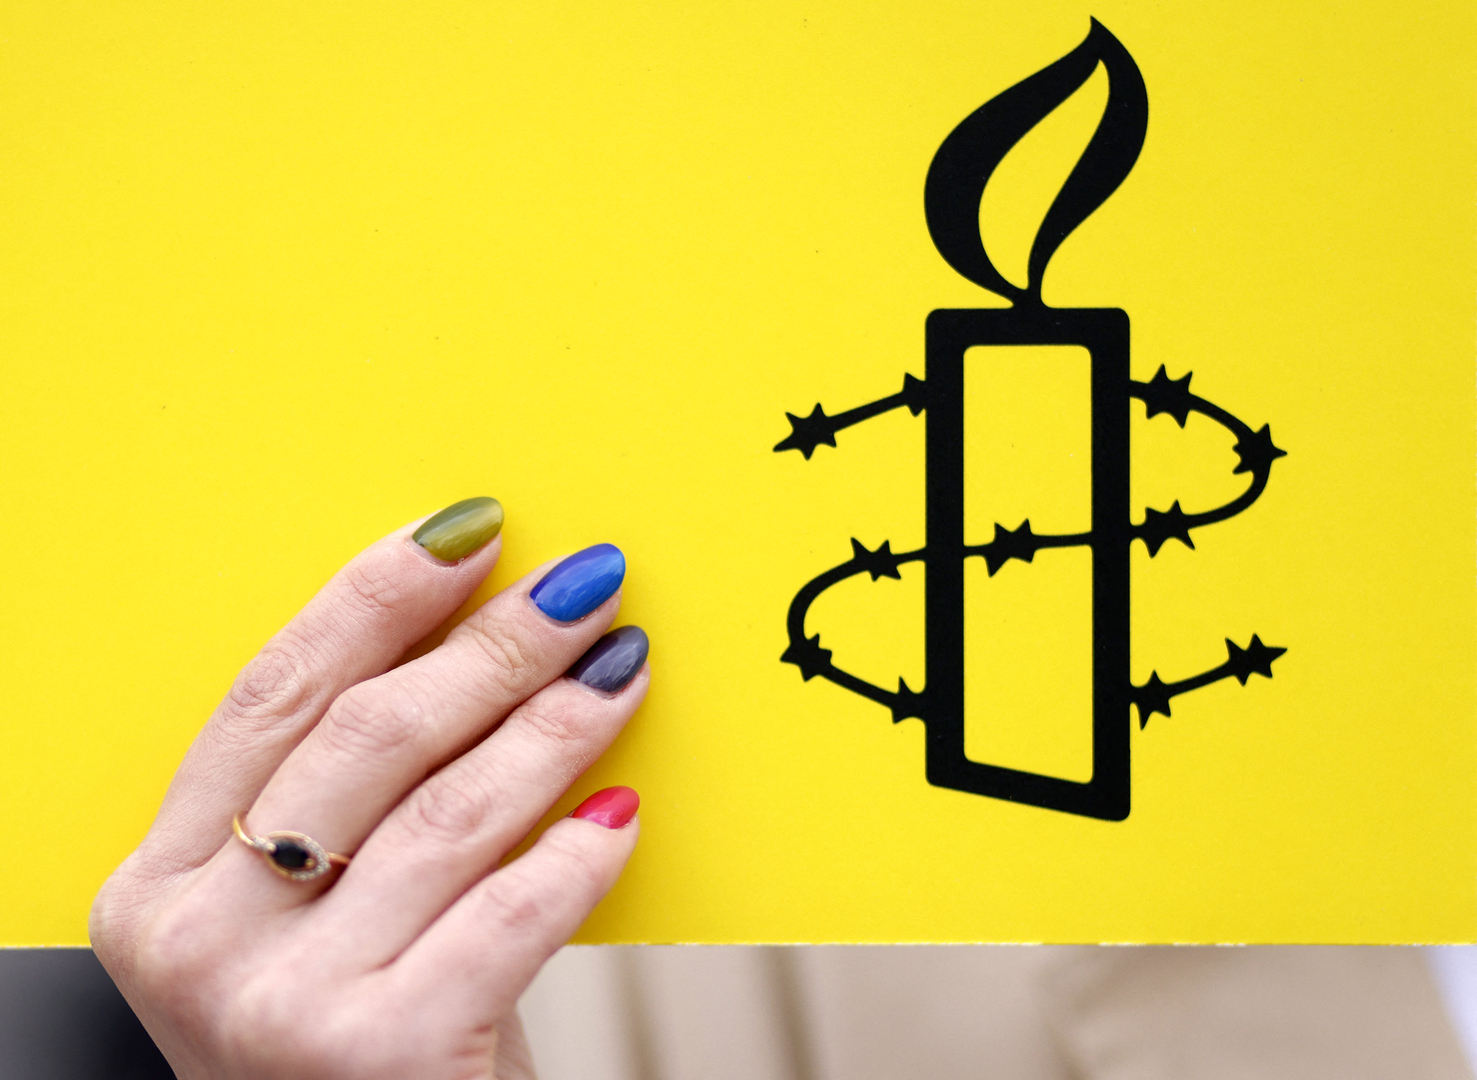 العفو الدولية تغلق مكاتبها في هونغ كونغ بسبب قانون الأمن القومي الصيني